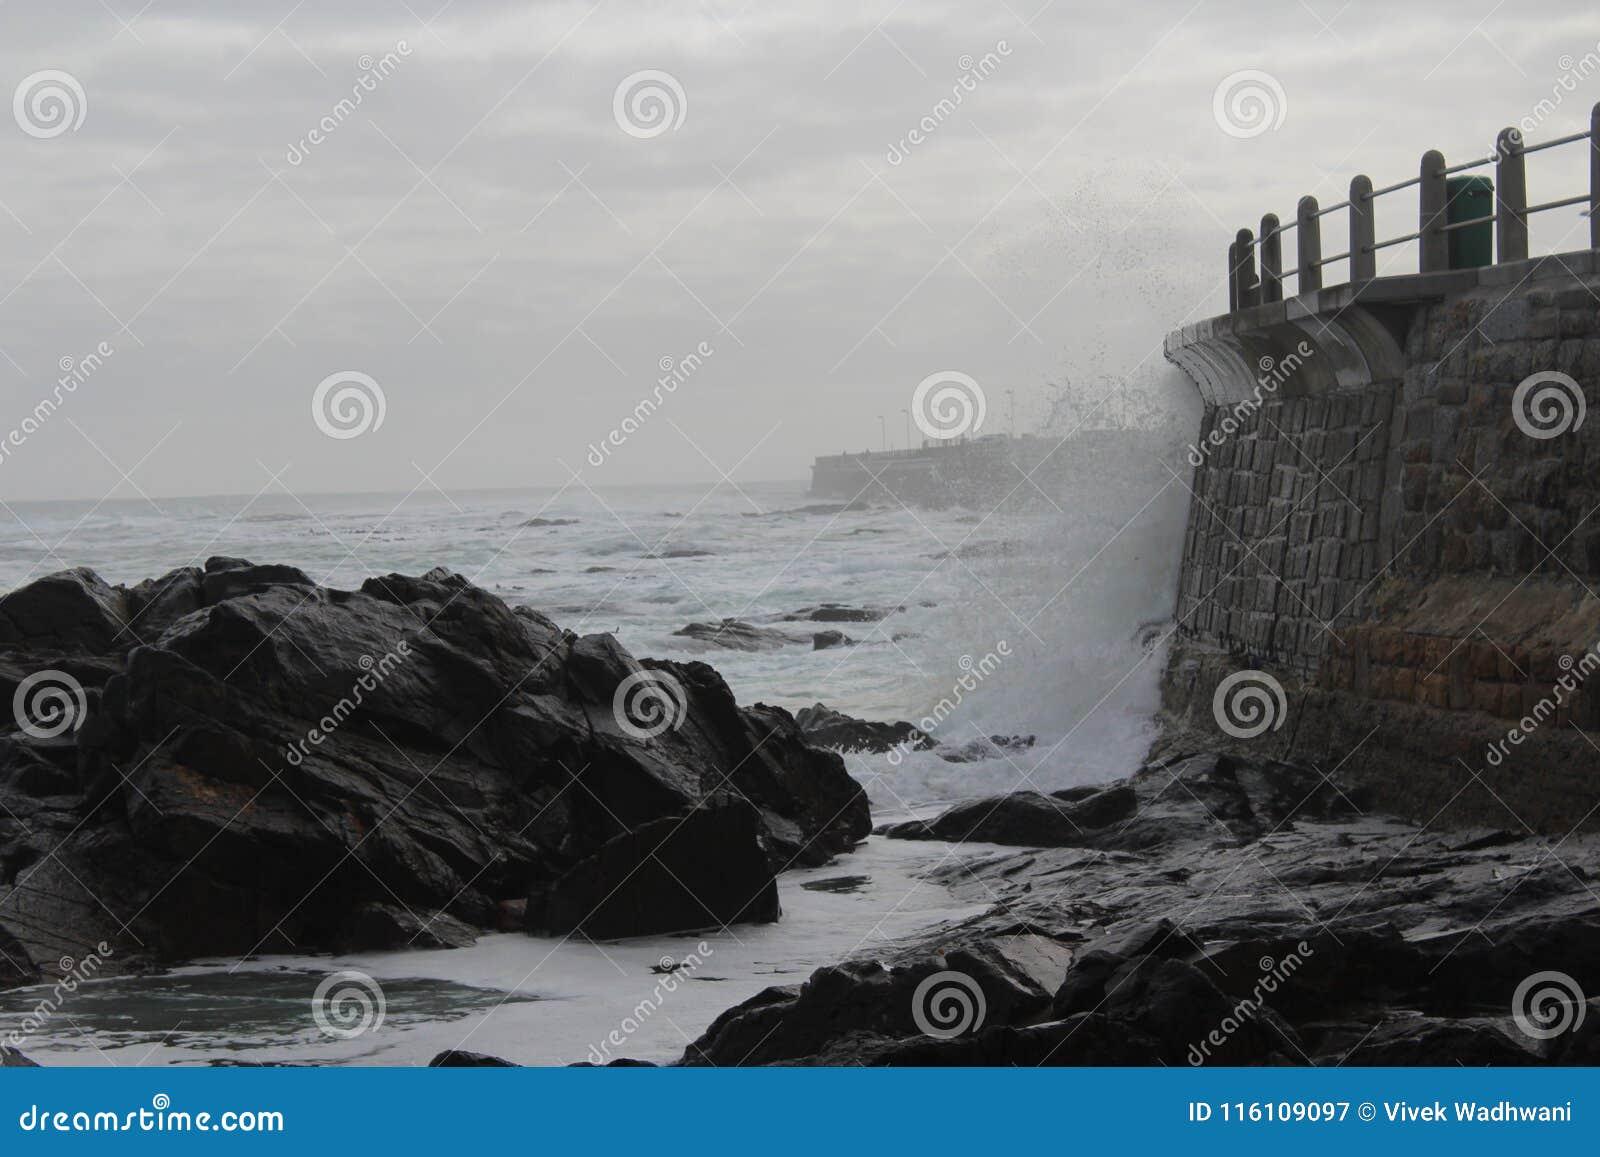 Krascha waves